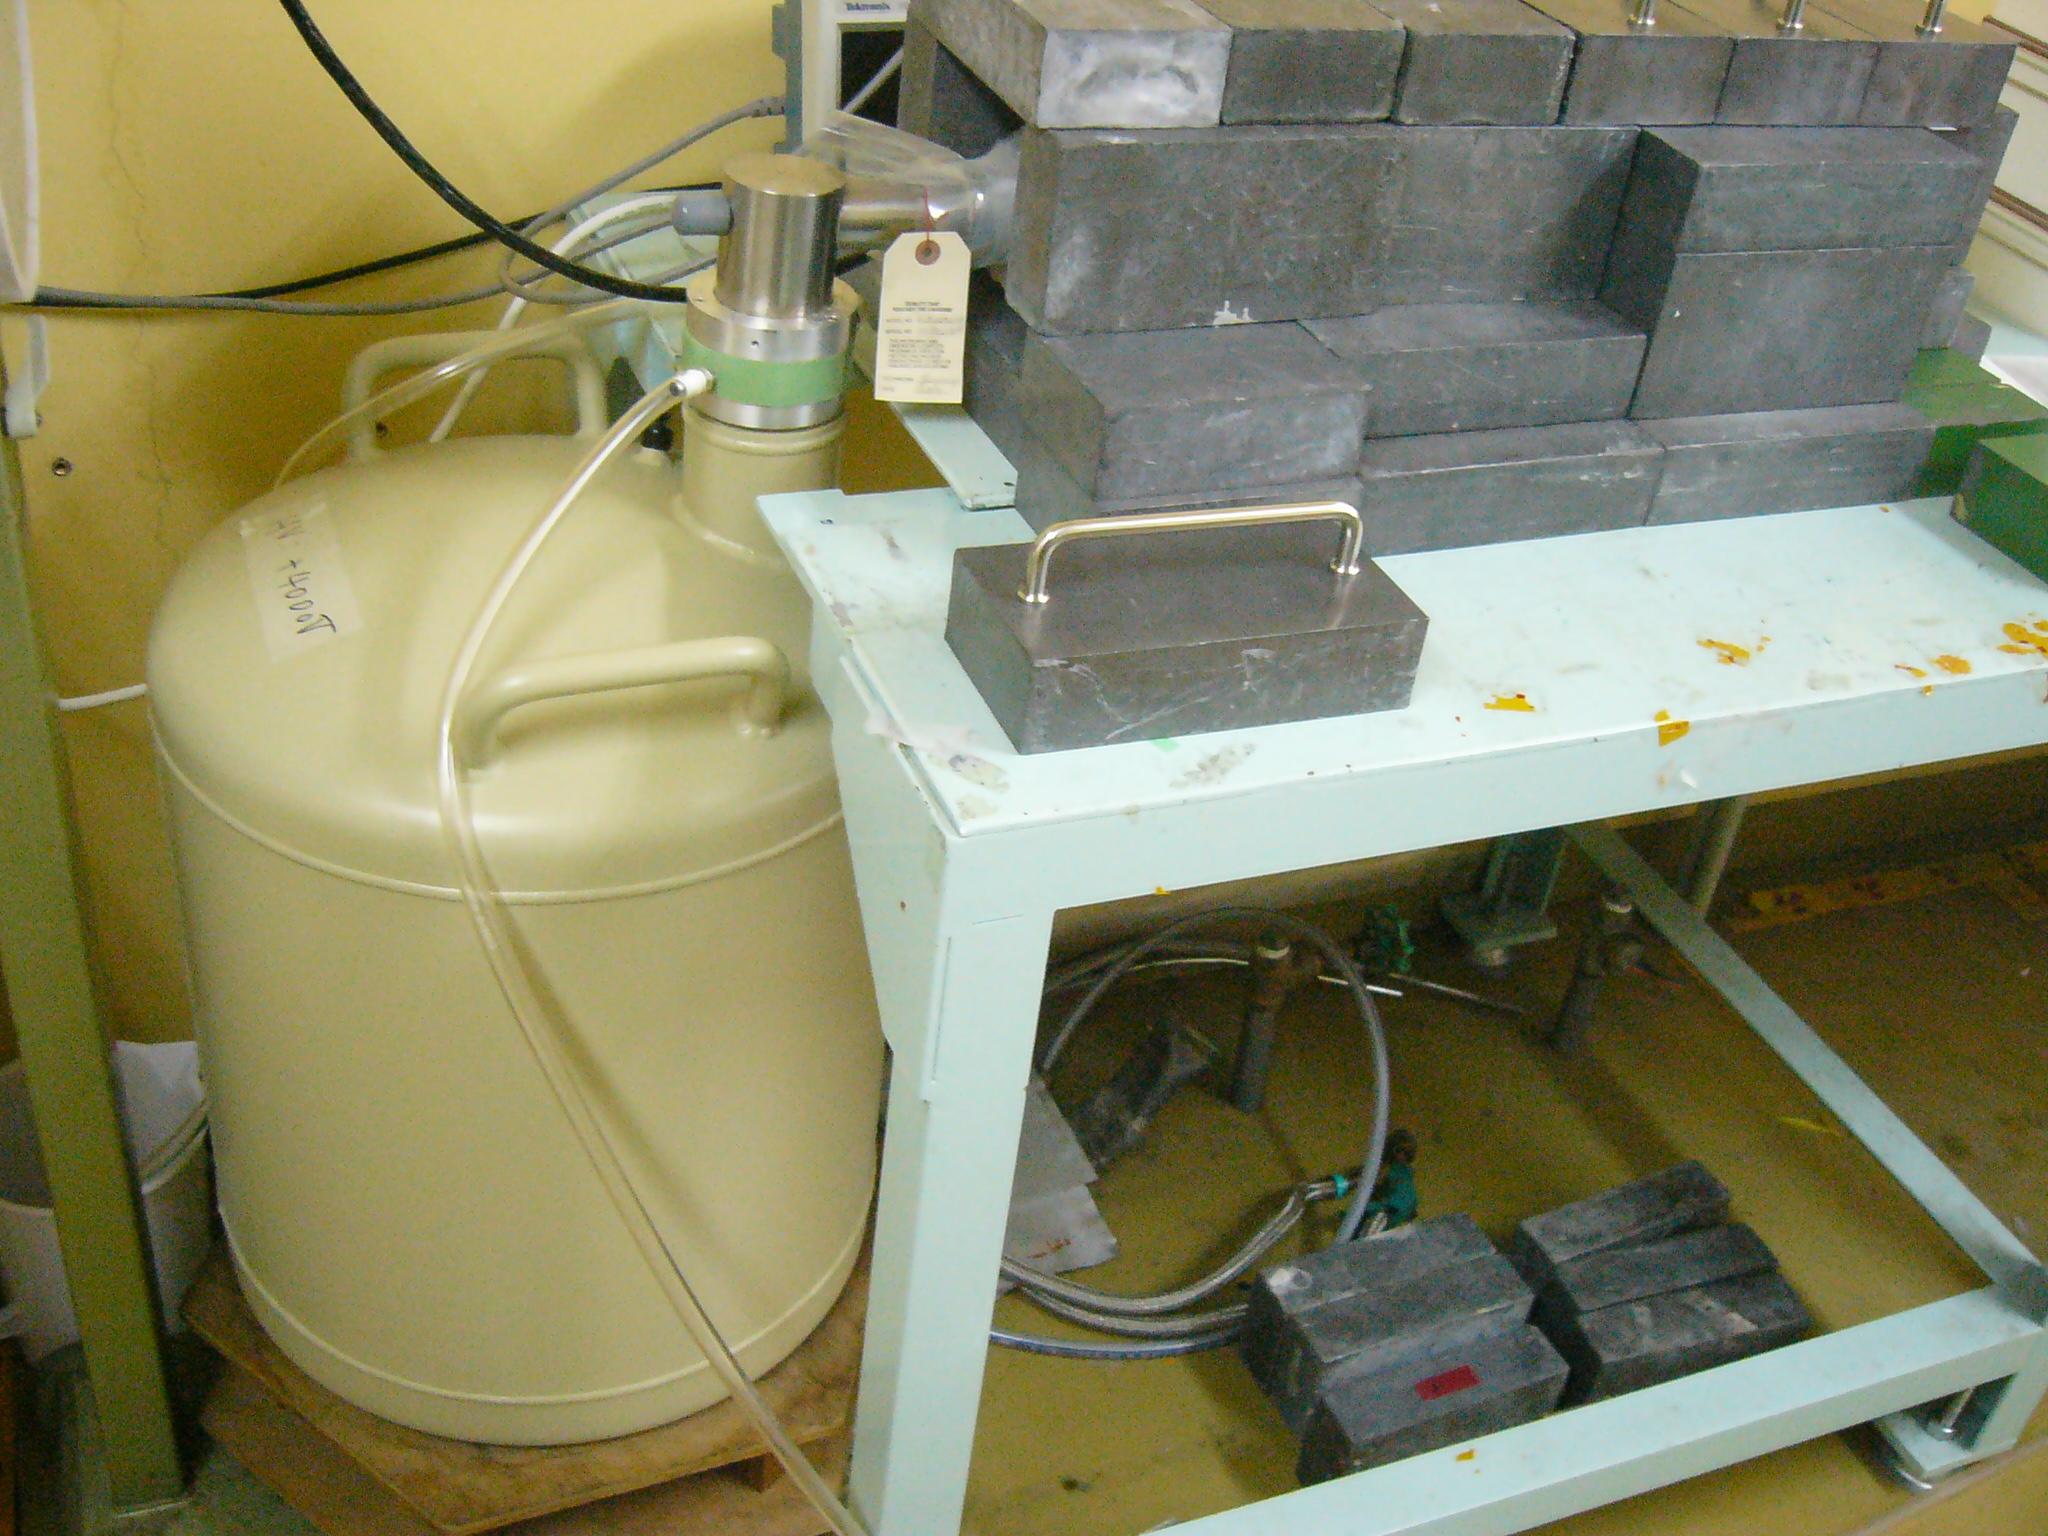 [323] P-タイプ同軸型ゲルマニウム半導体検出器 (CYRIC共同利用 RI共同利用【施設利用】) 〔リンク〕 画像